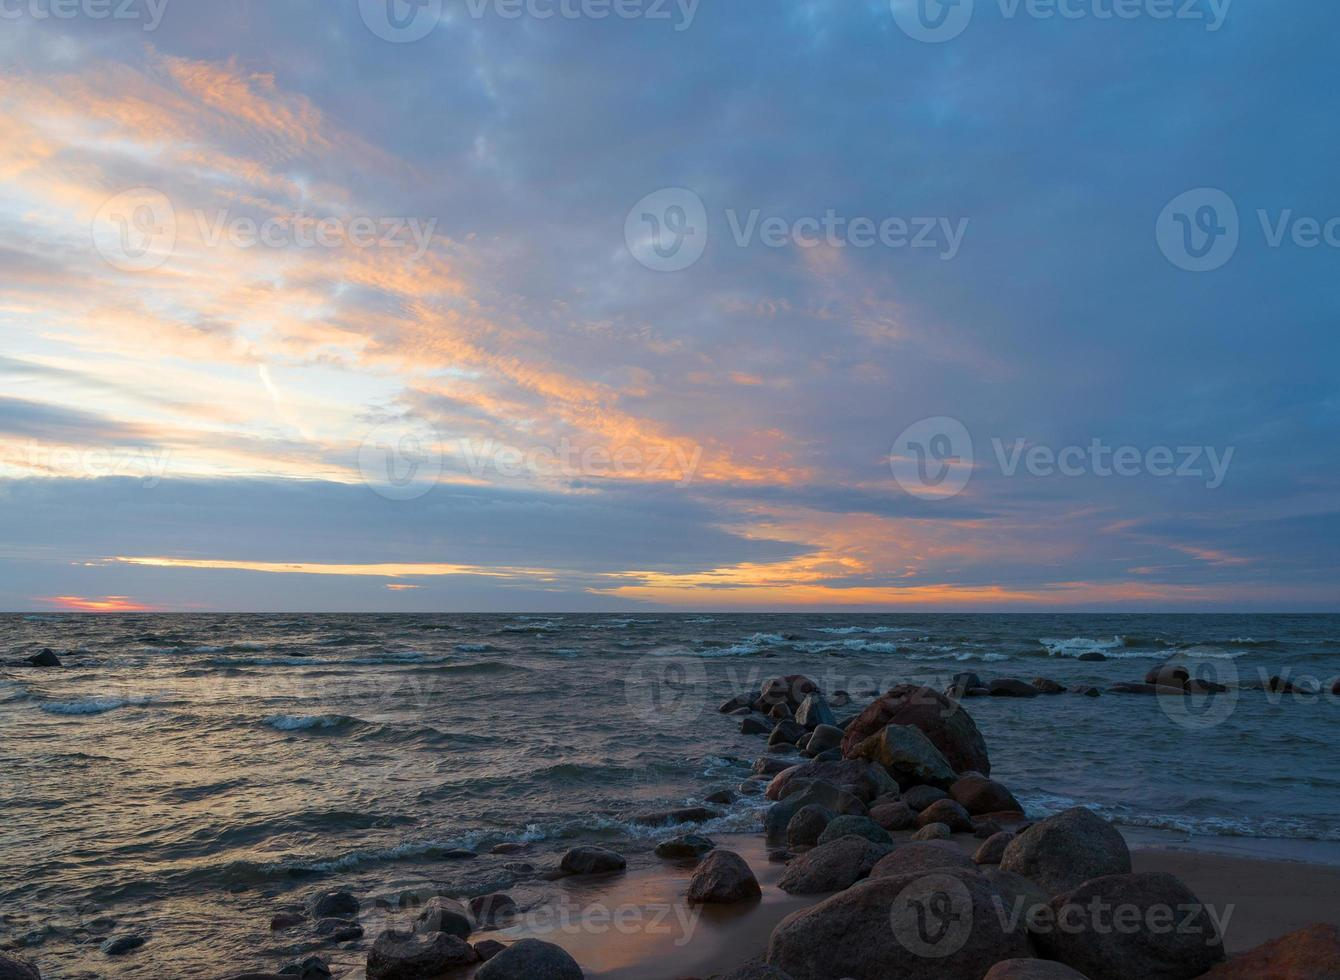 vackert havslandskap efter solnedgång foto